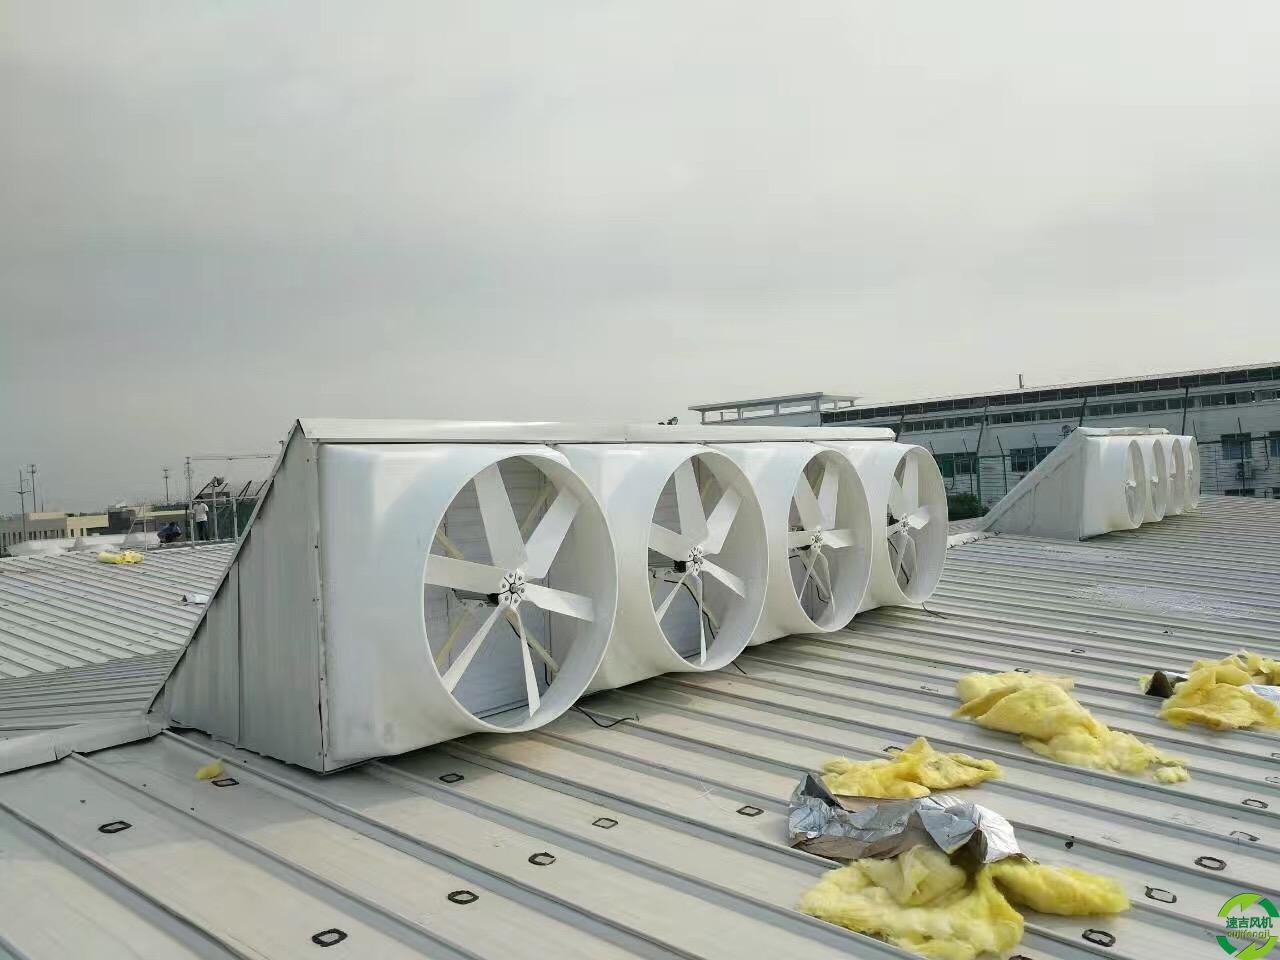 玻璃钢屋顶风机负压风机通风换气怎么计算